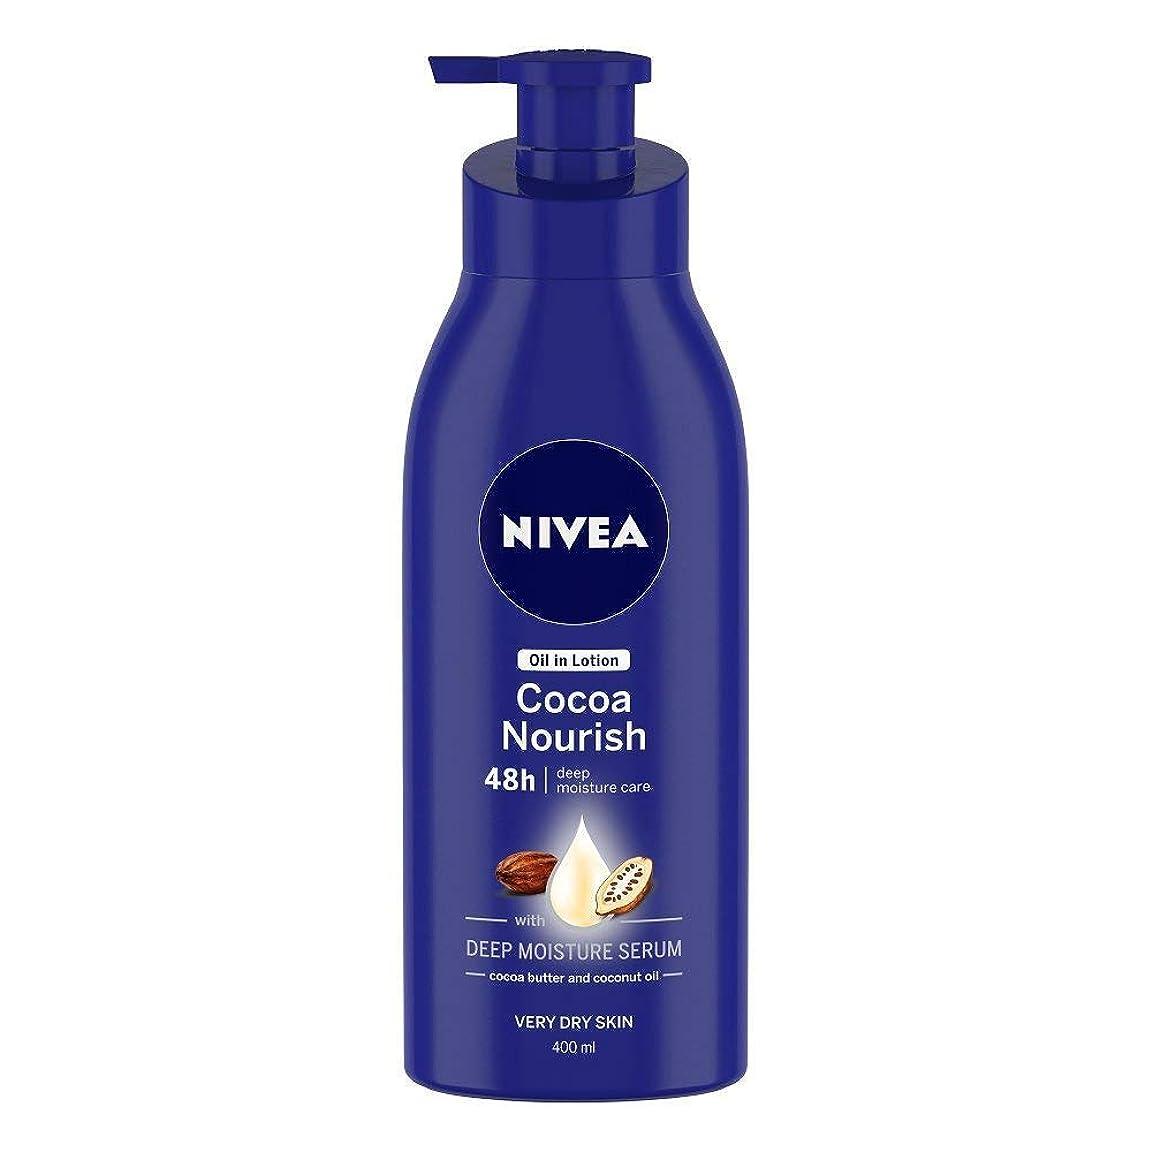 決定するスキー合意Nivea Oil in Lotion Cocoa Nourish, 400ml